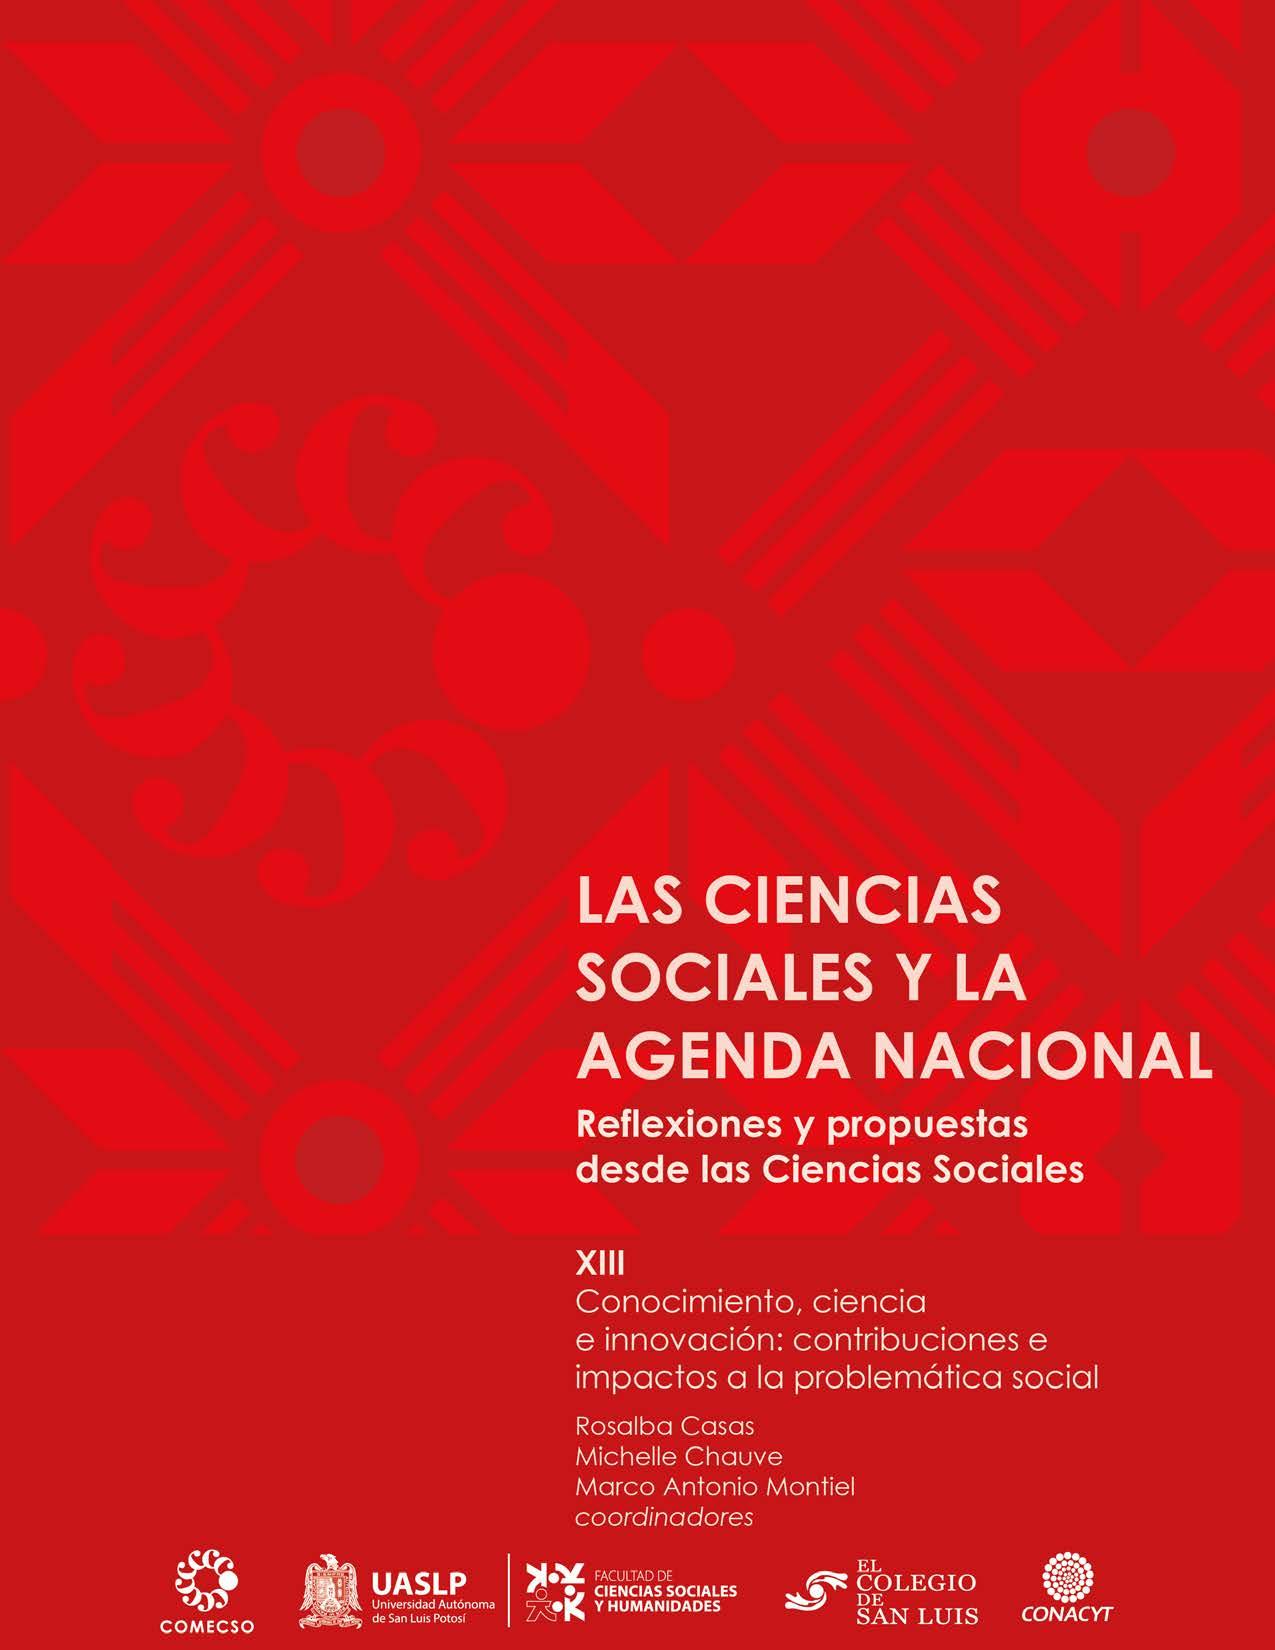 Vol. XIII. Conocimiento, ciencia e innovación: contribuciones e impactos a la problemática social